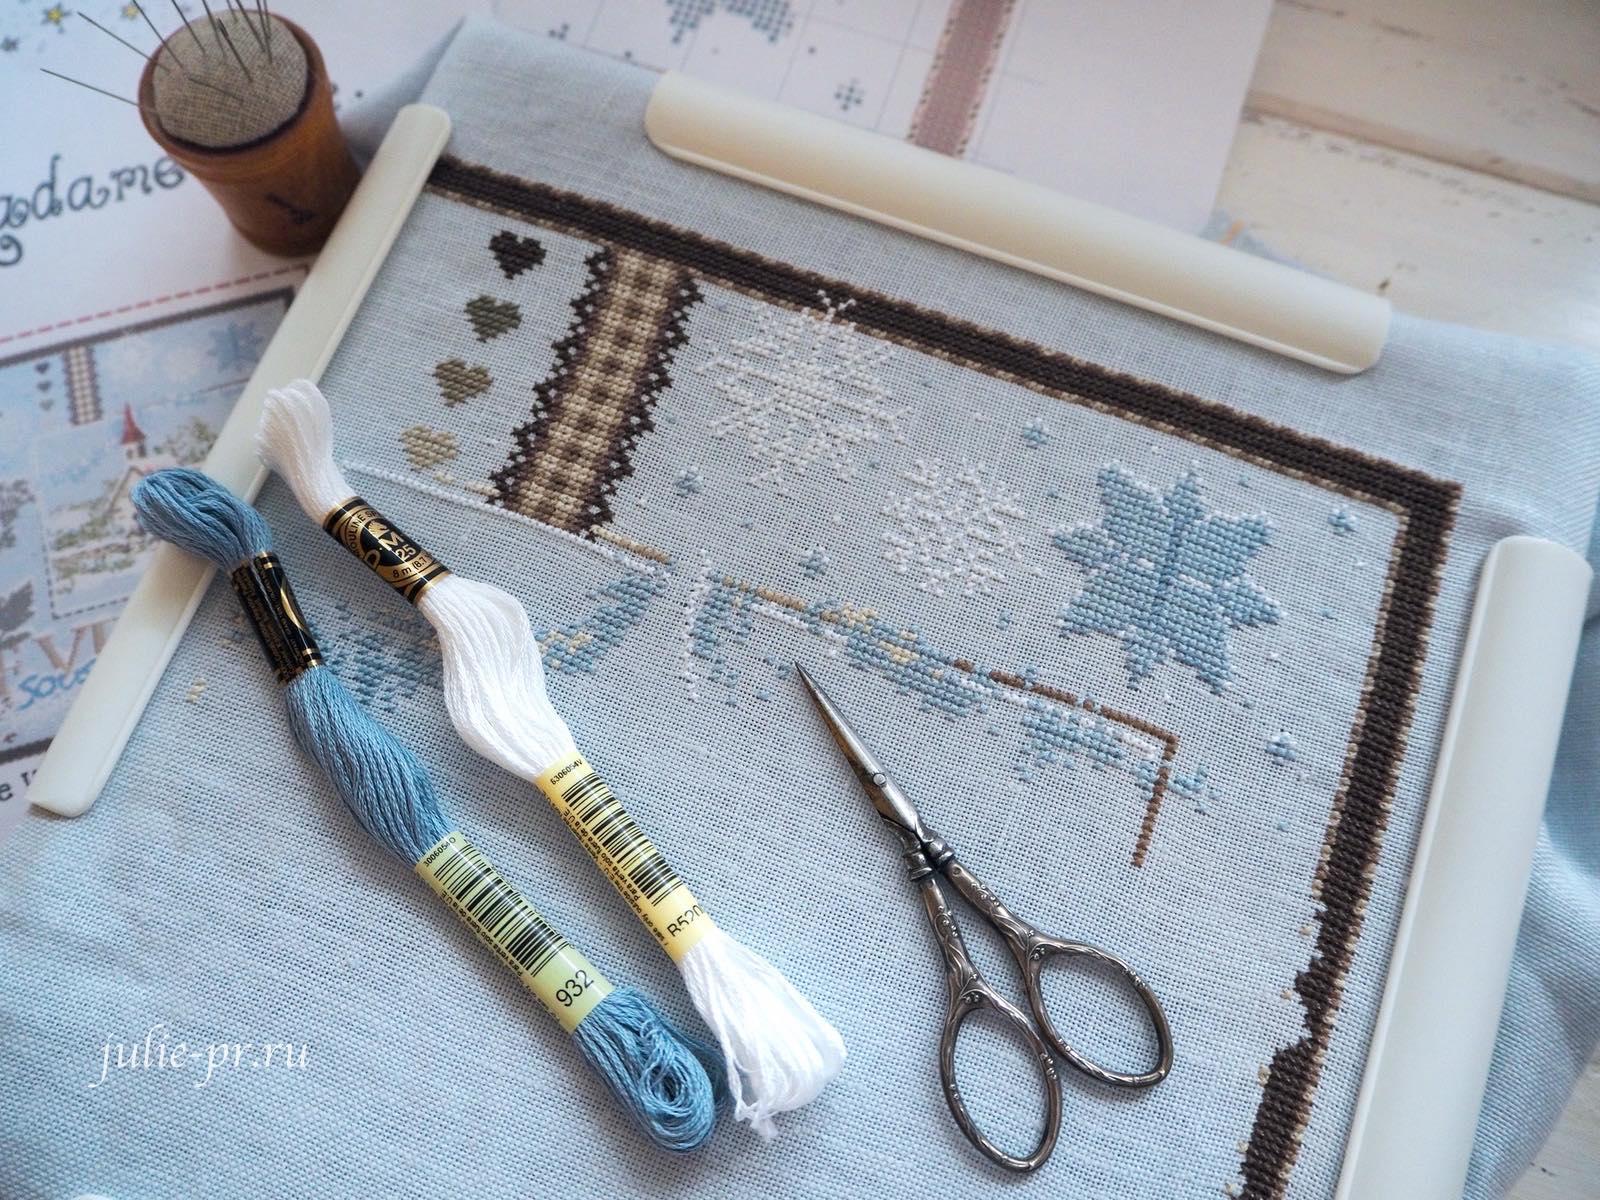 вышивка крестом, Madame la Fee, Le Village sous la Neige, Заснеженная деревня, французская вышивка, процесс вышивки, винтажные ножницы